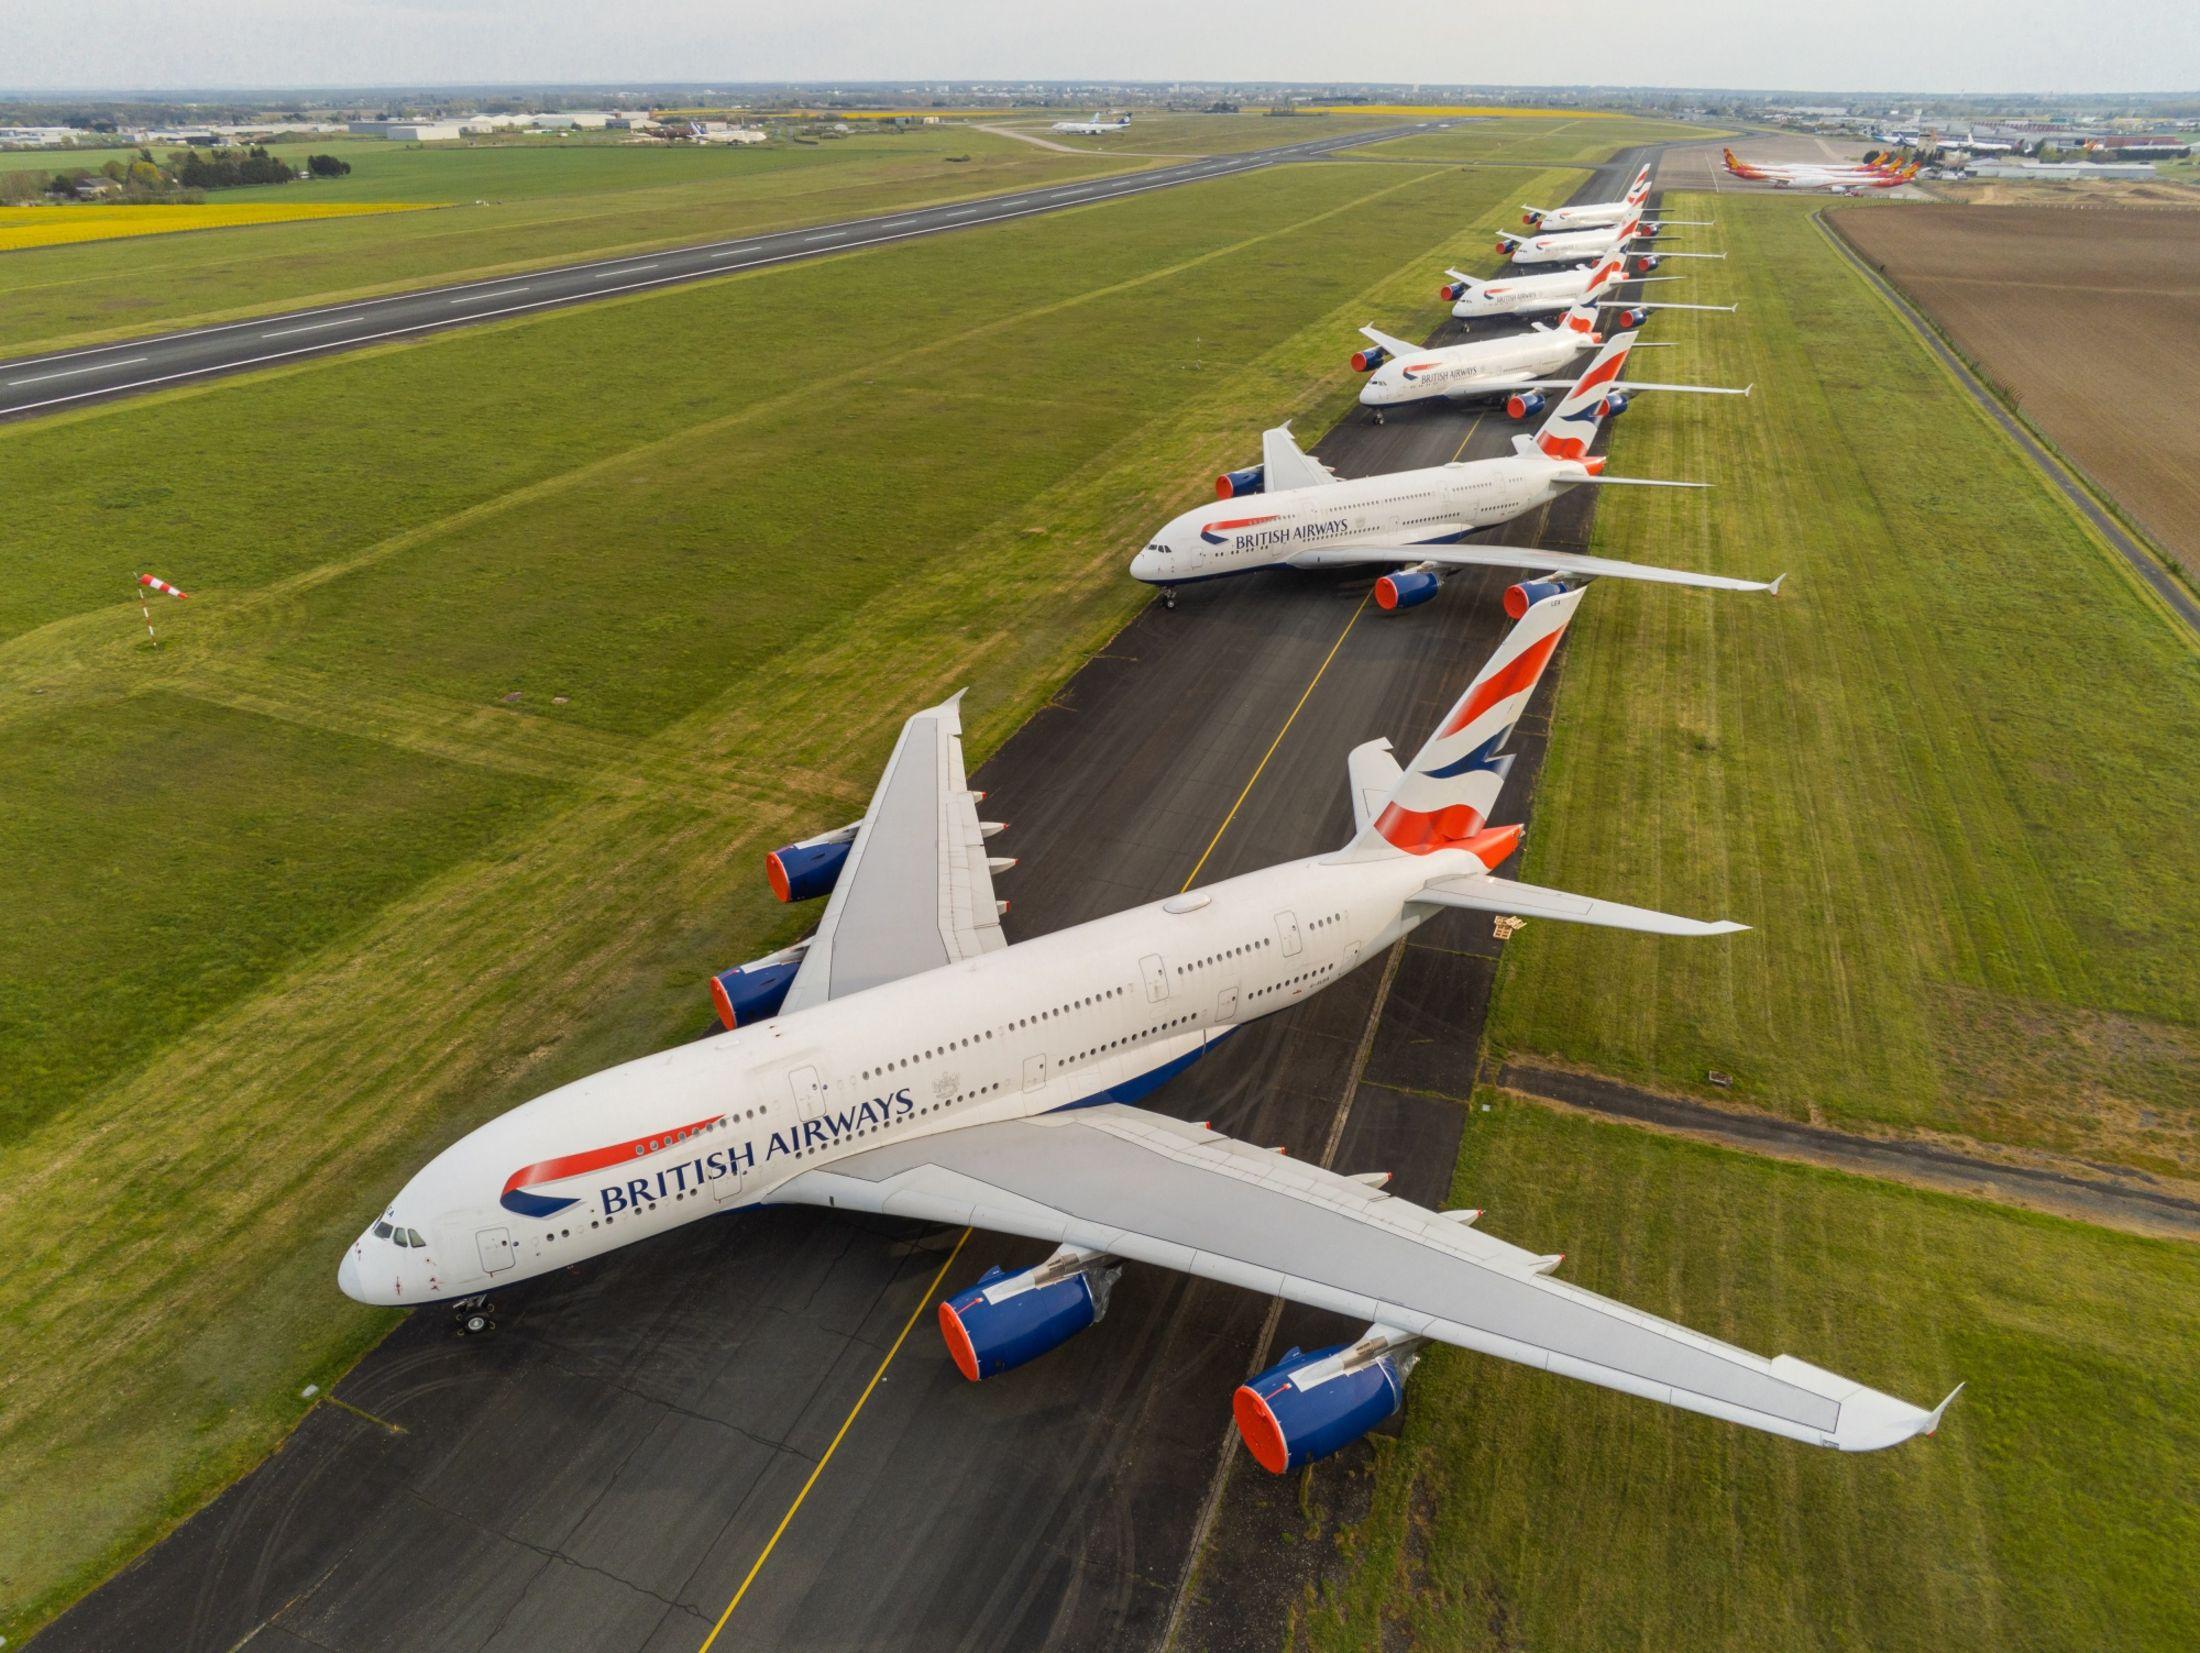 Các hãng hàng không đang bận rộn việc gì khi hơn 2/3 đội bay đang đắp chiếu? - Ảnh 4.